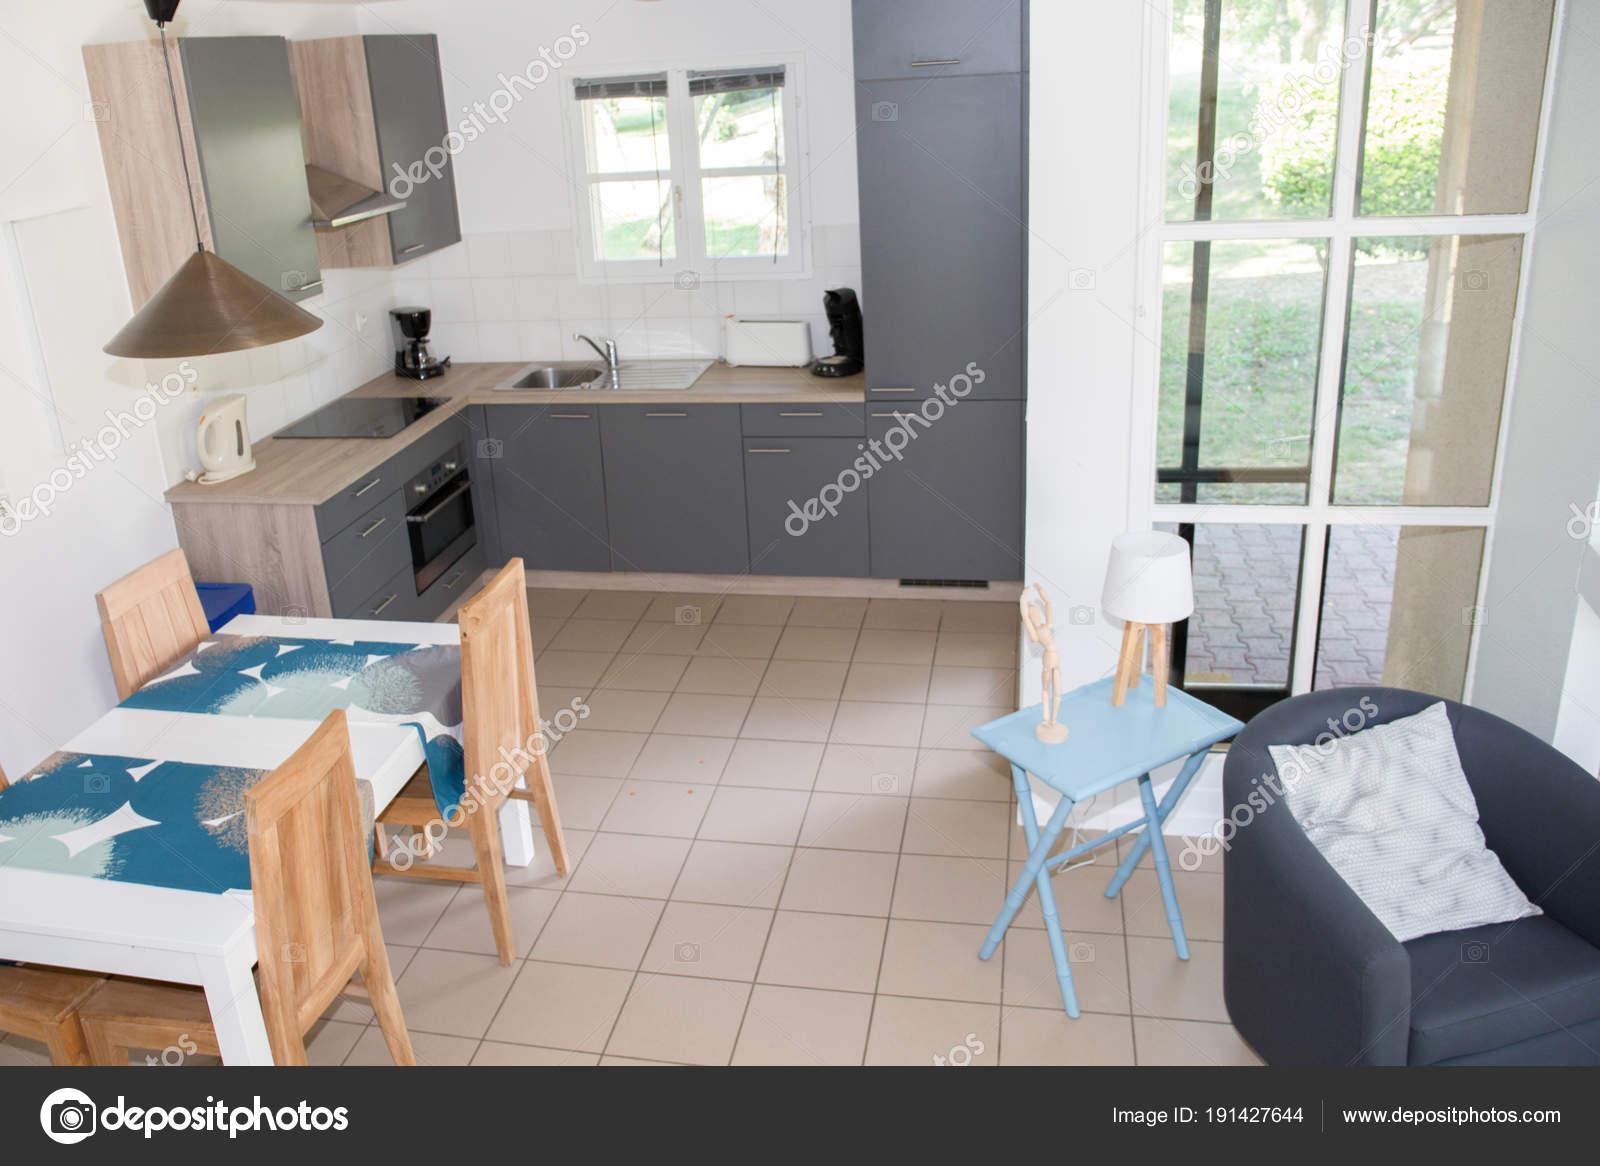 Cozinha Moderna Sala Jantar área Pouco Interior Simples Stock